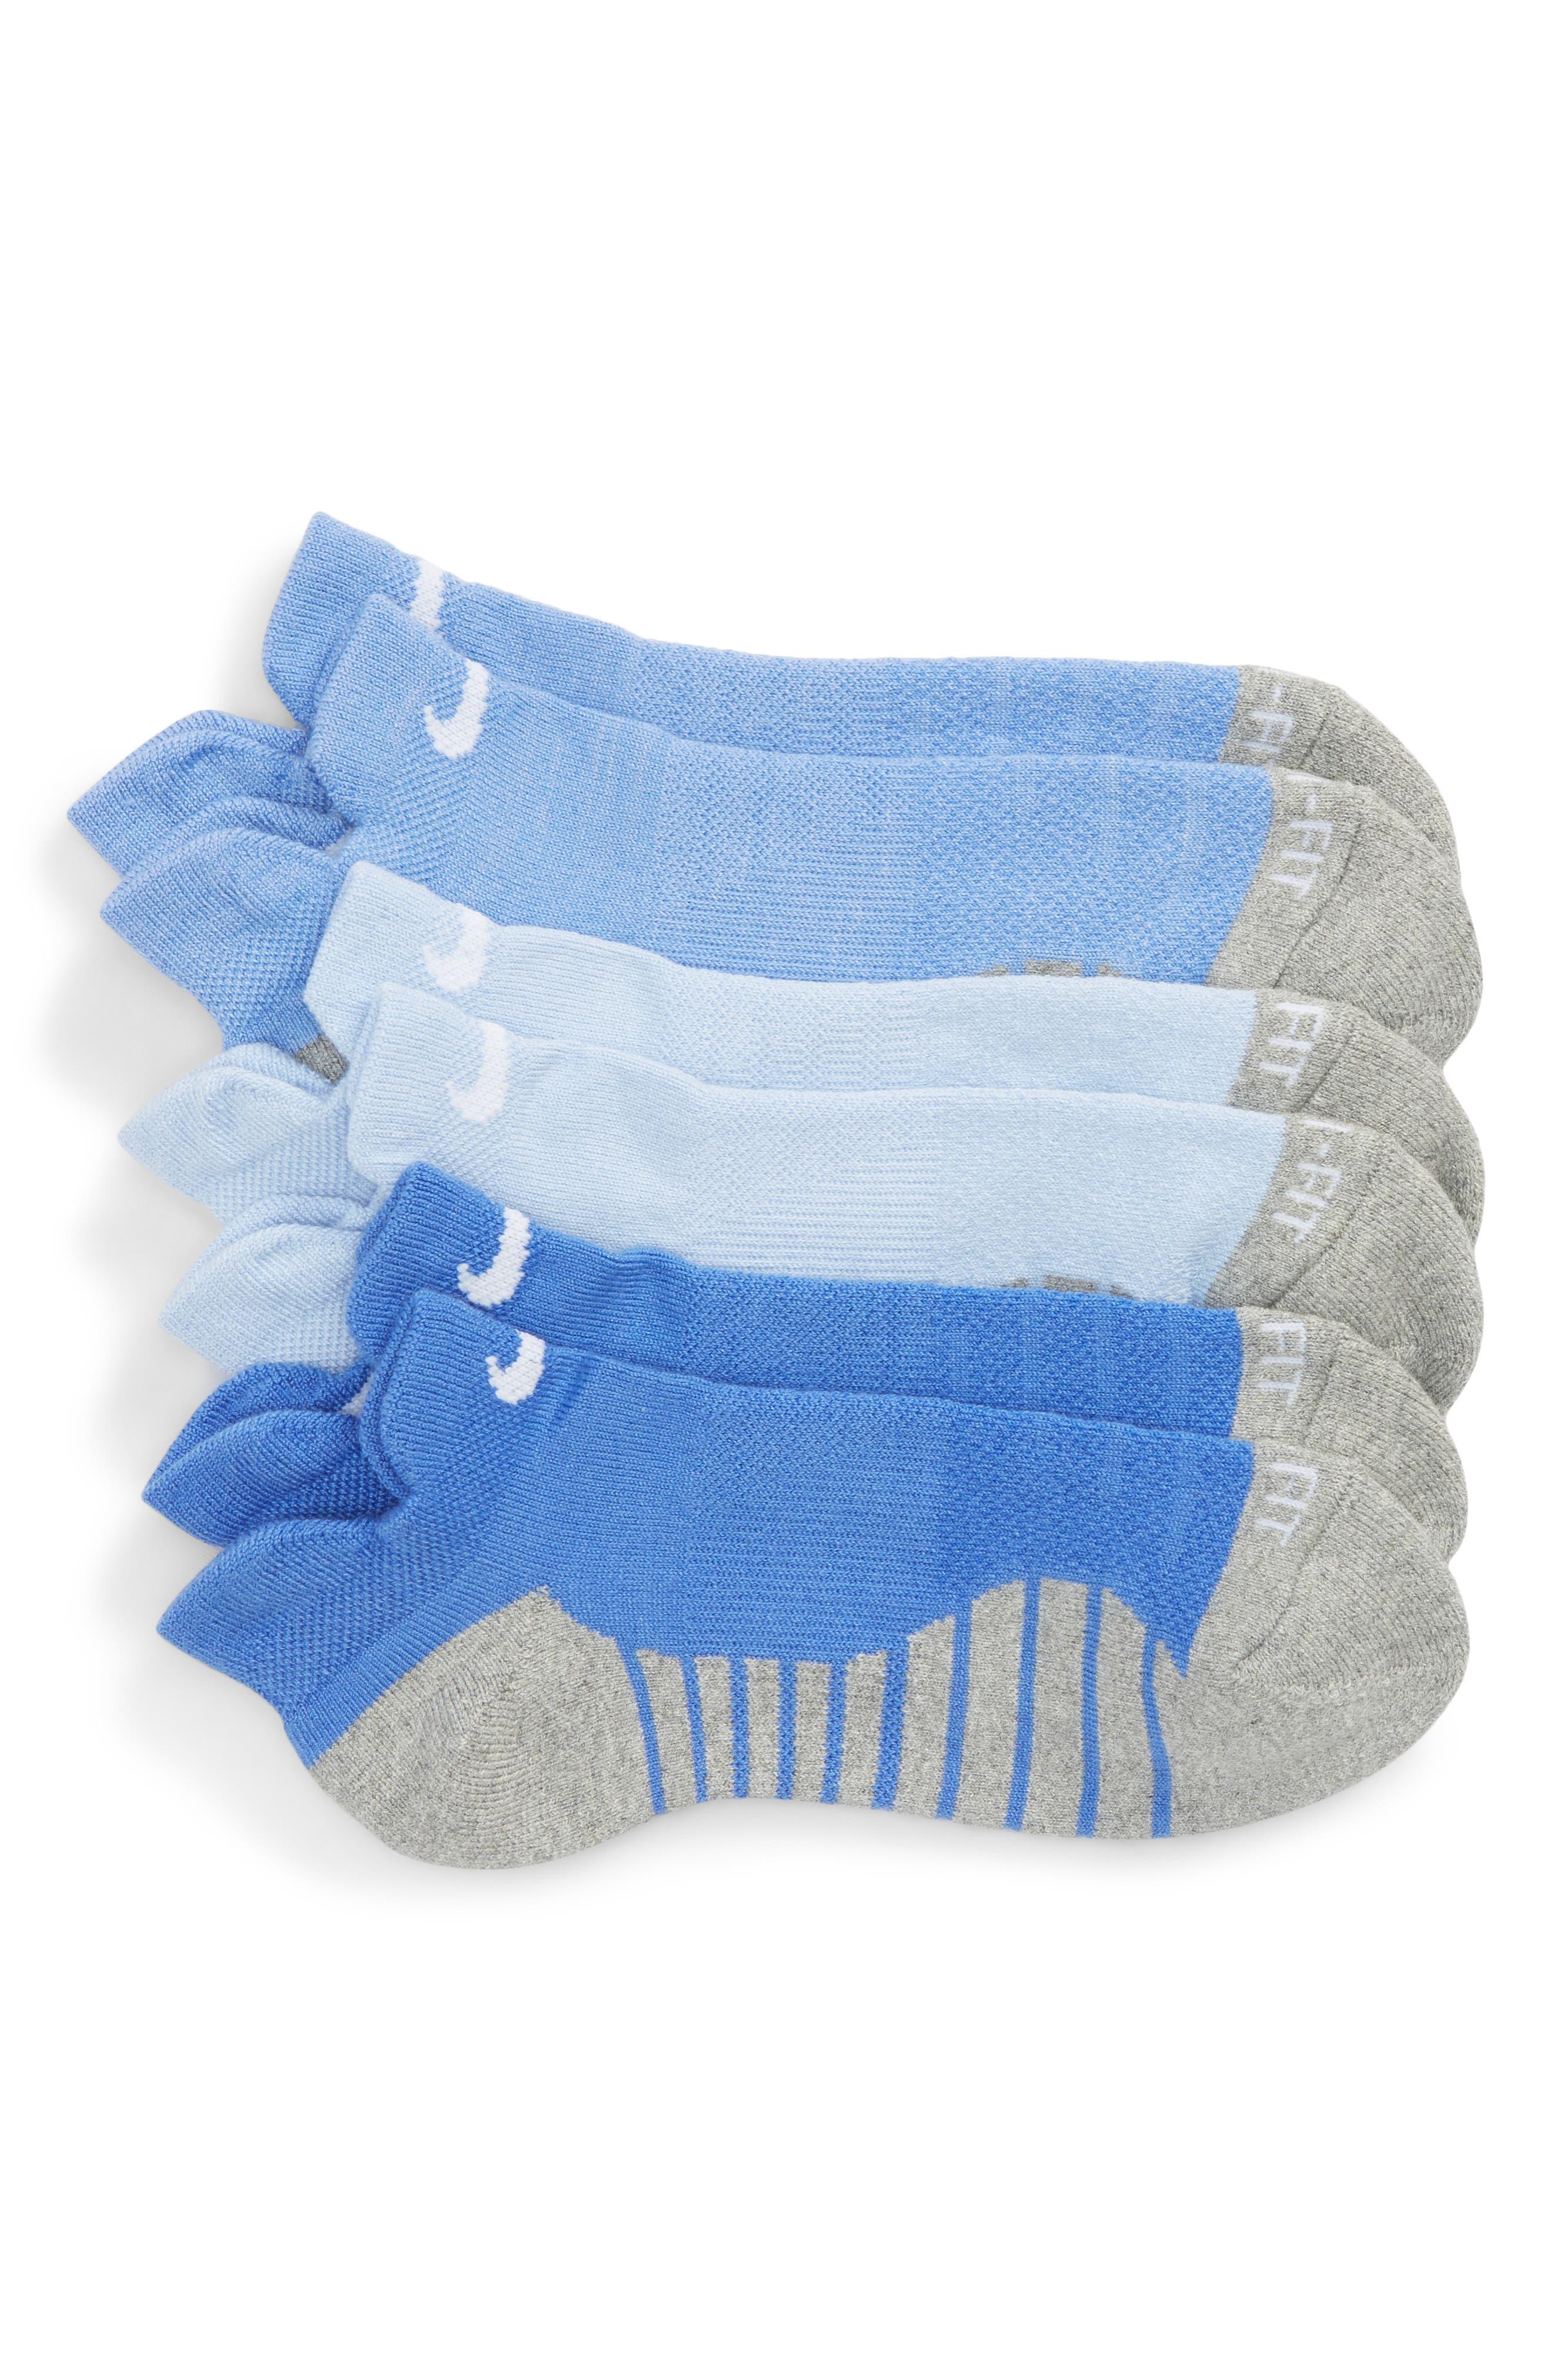 Socks Nike for Women